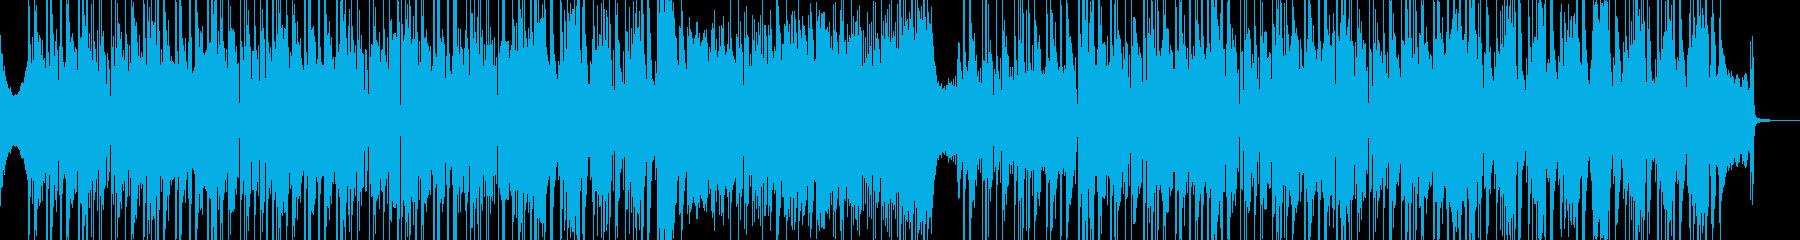 疾走感を加えたオシャレなR&B 短尺★の再生済みの波形